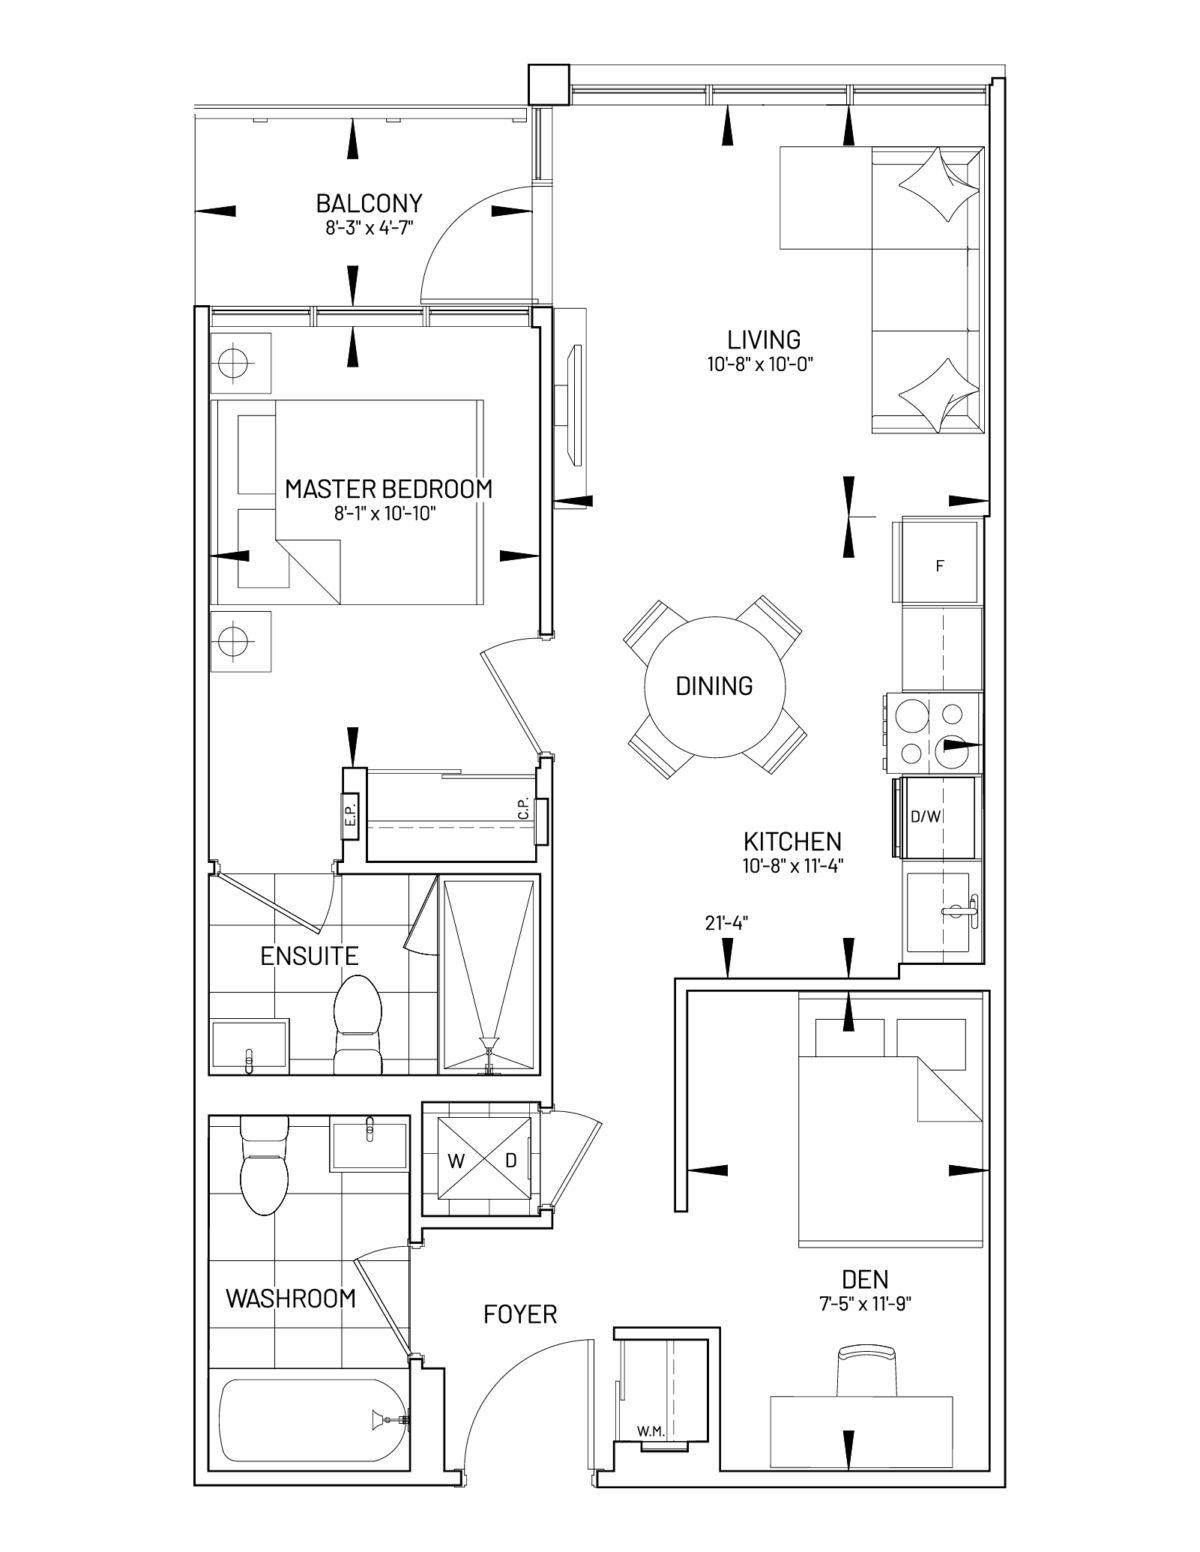 Suite 1D-W Floor Plan